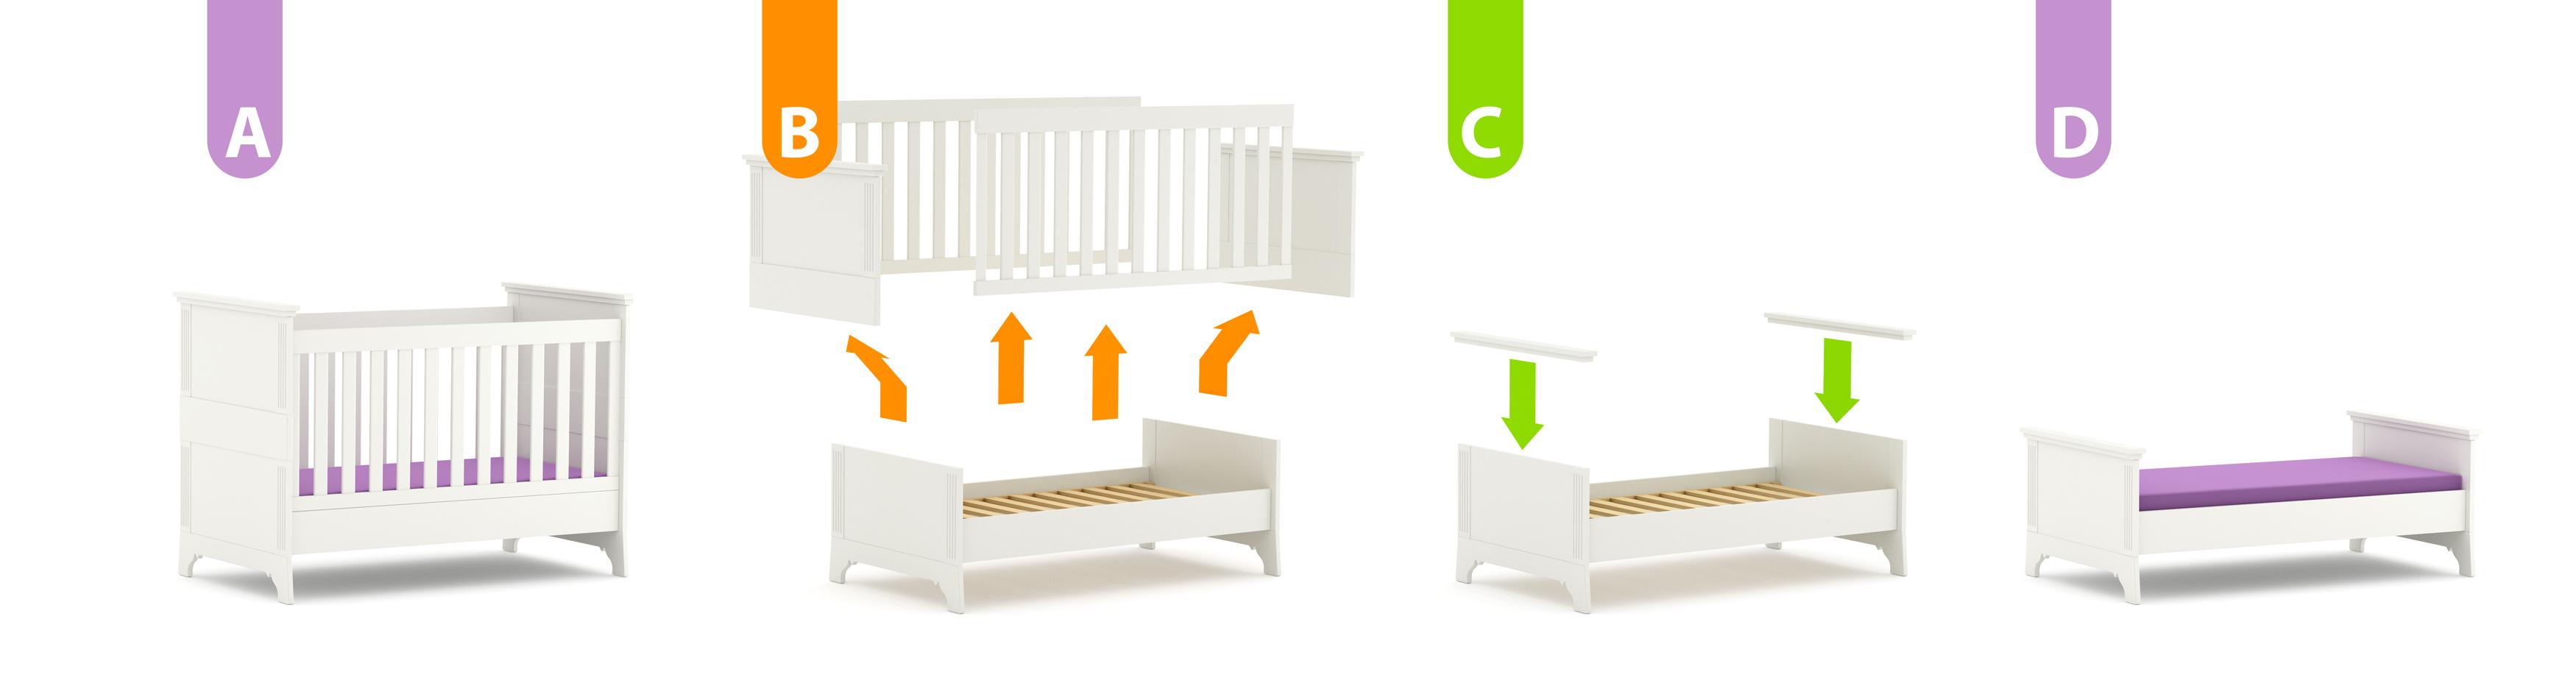 Kinderbett Clariss White ohne Bettkasten, Timoore